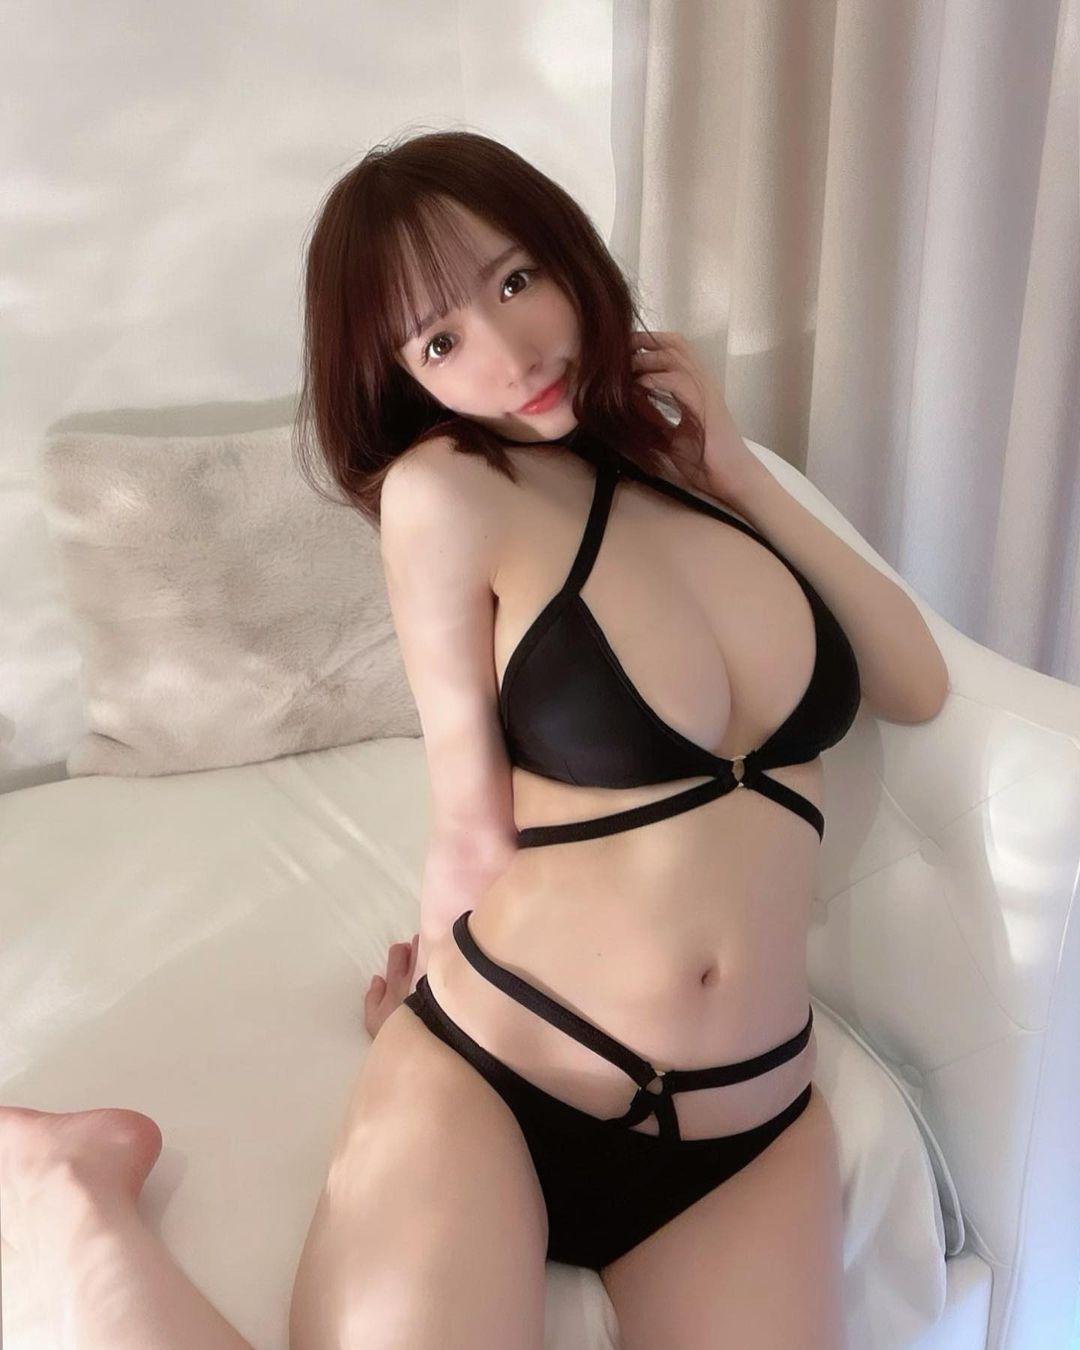 shimizuairi_213765174_859592954991715_3798104370318000725_n.jpg